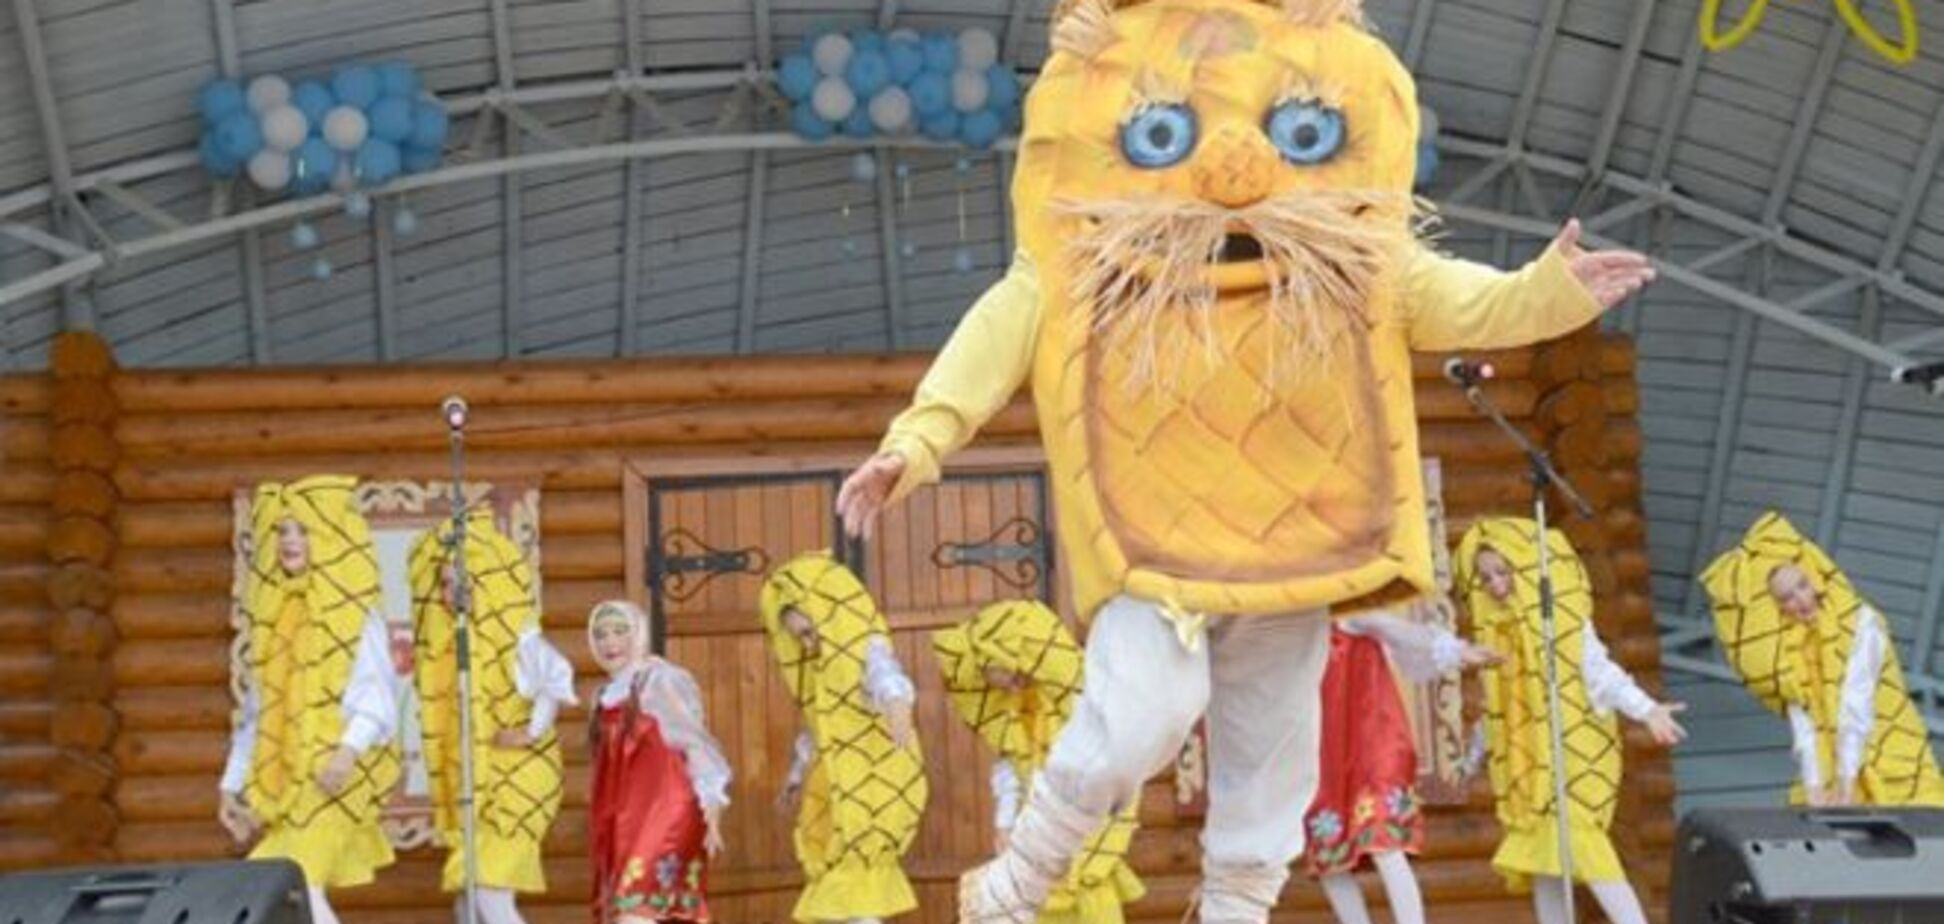 Кому что! В России по параду вышиванок ударили 'Вятским лаптем'